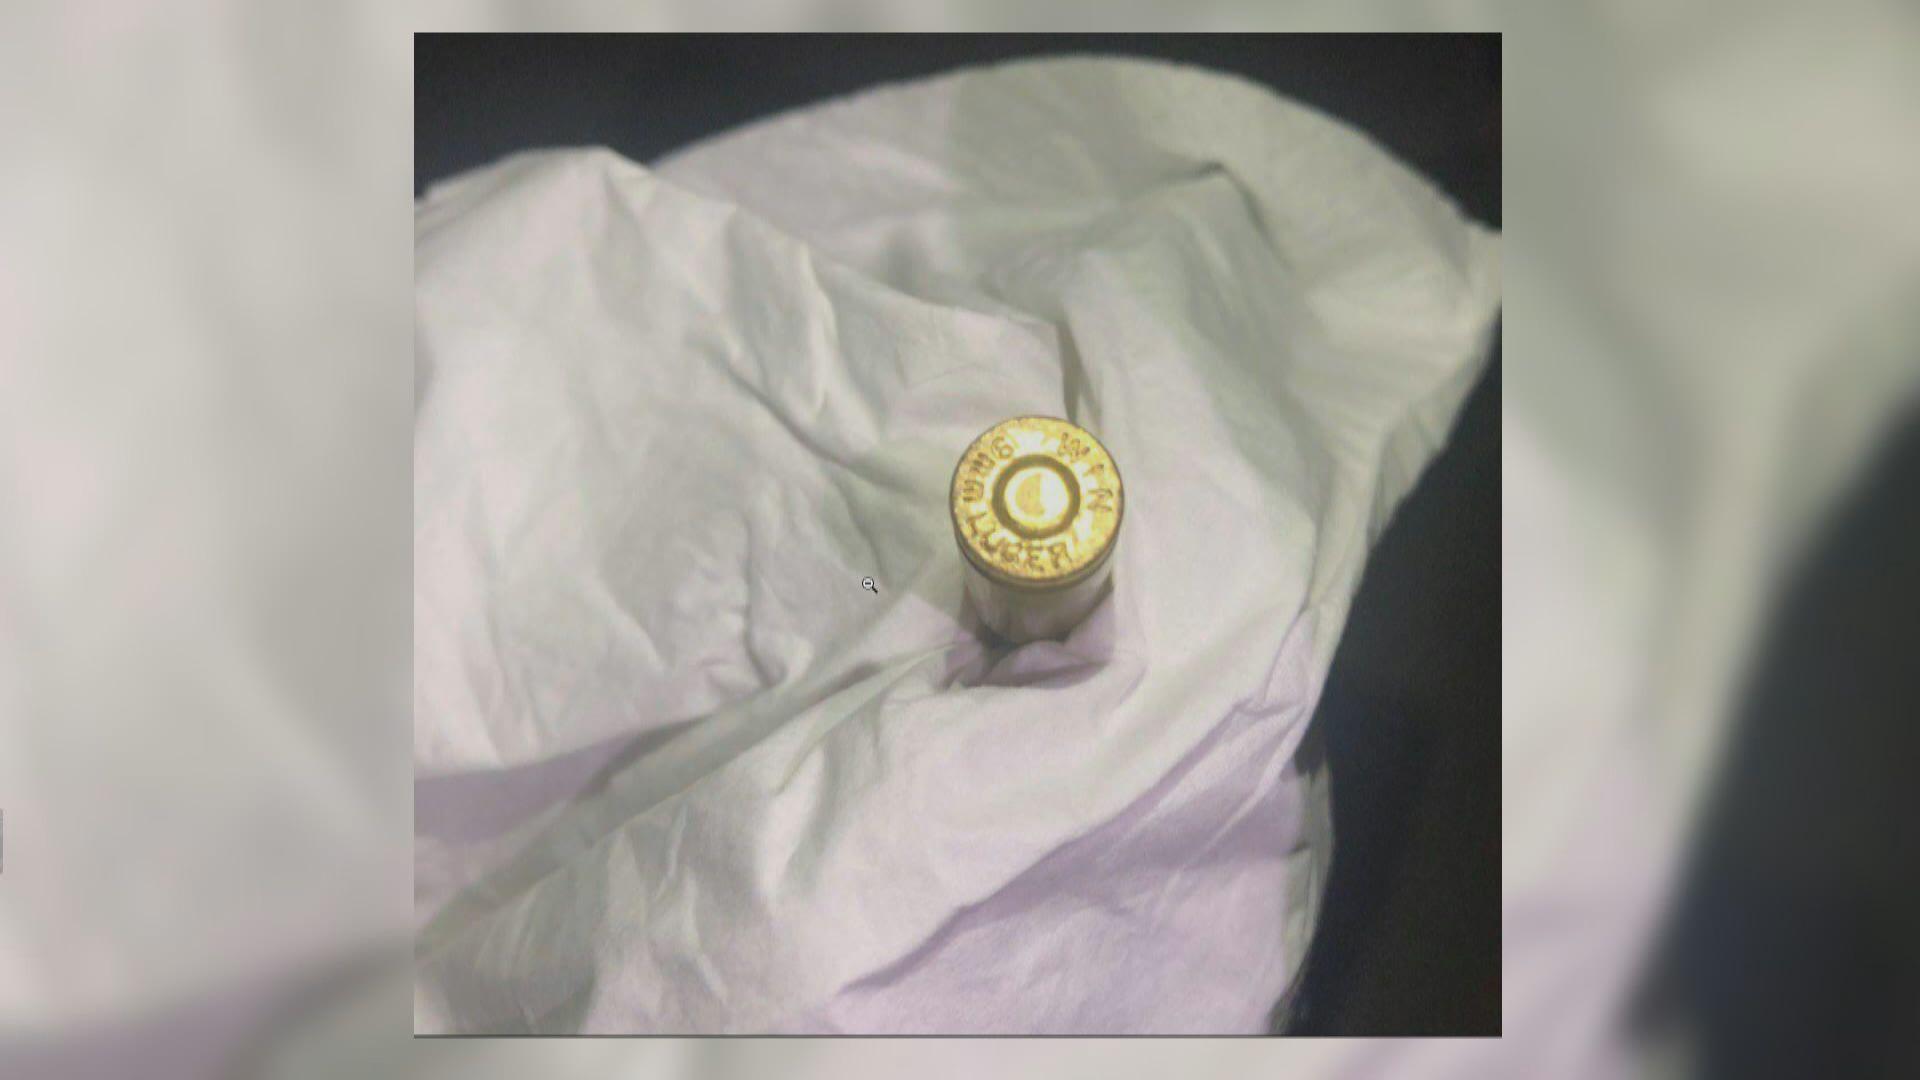 柴灣休班警遇襲拔槍示警 跌下一粒子彈